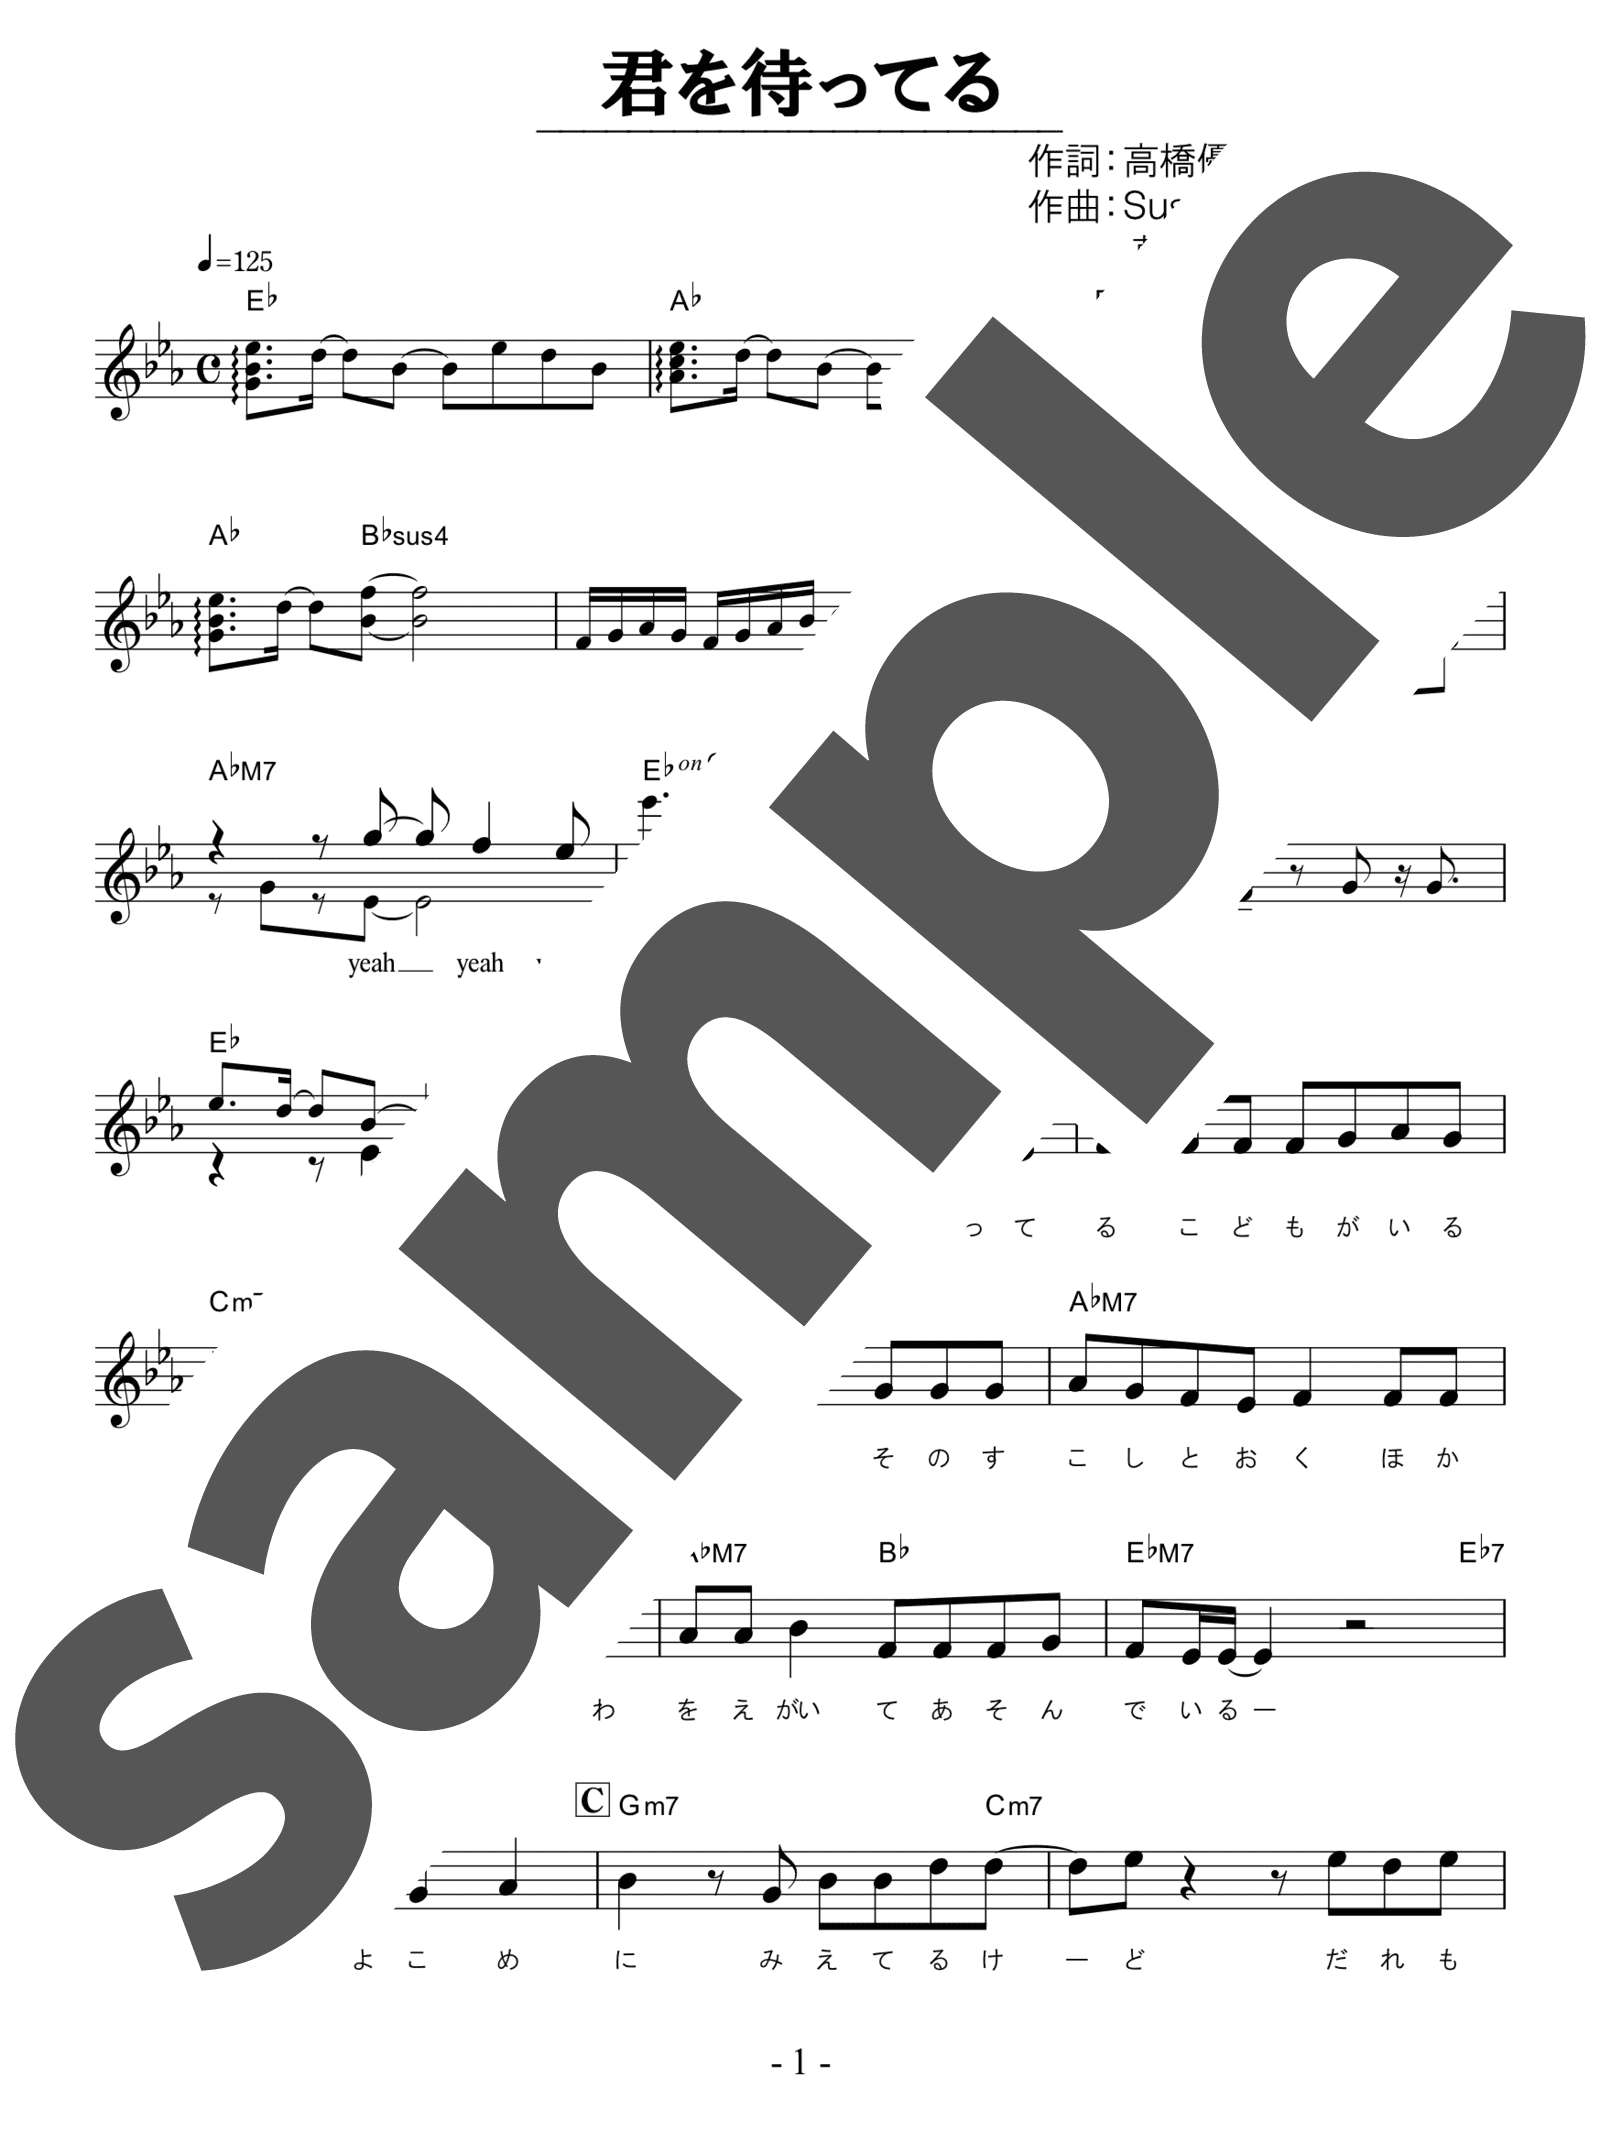 「君を待ってる」のサンプル楽譜